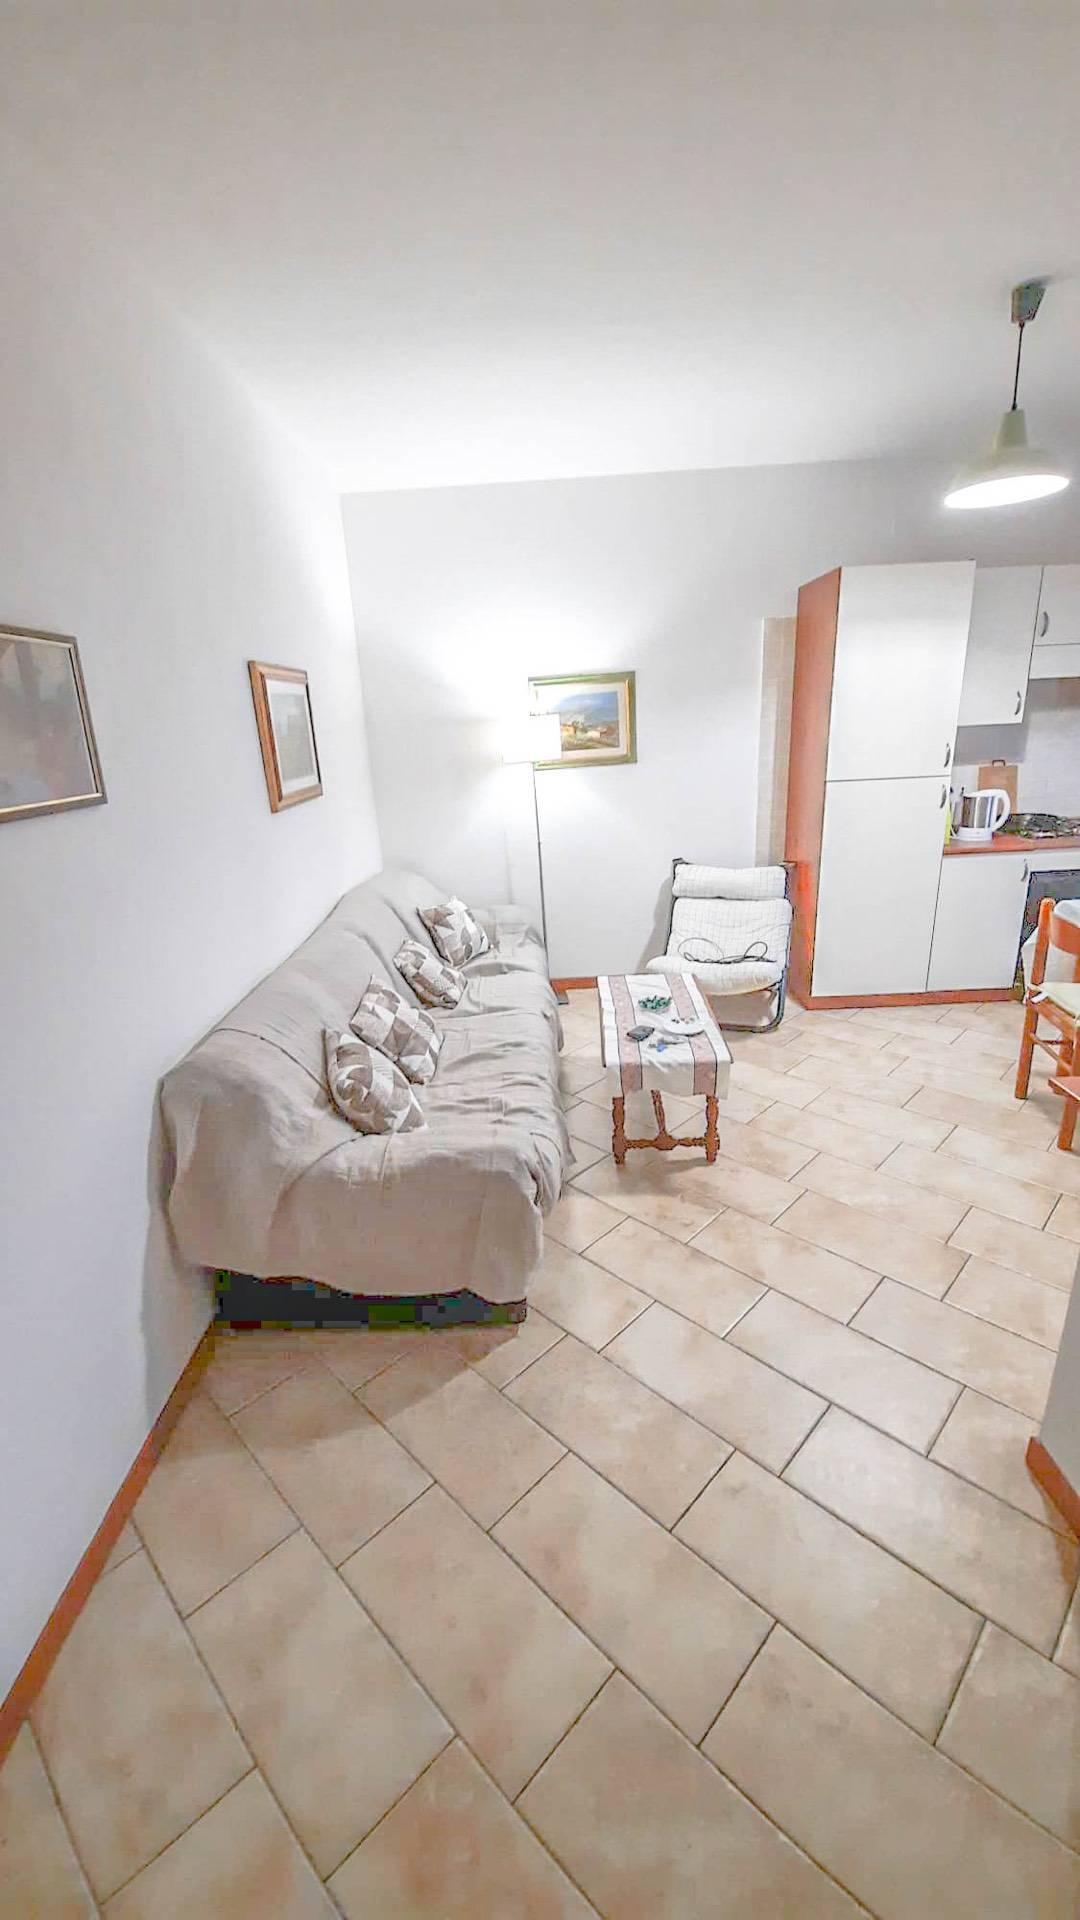 Appartamento in vendita a San Biagio di Callalta, 3 locali, zona Località: Olmi-SanFloriano, prezzo € 95.000 | PortaleAgenzieImmobiliari.it